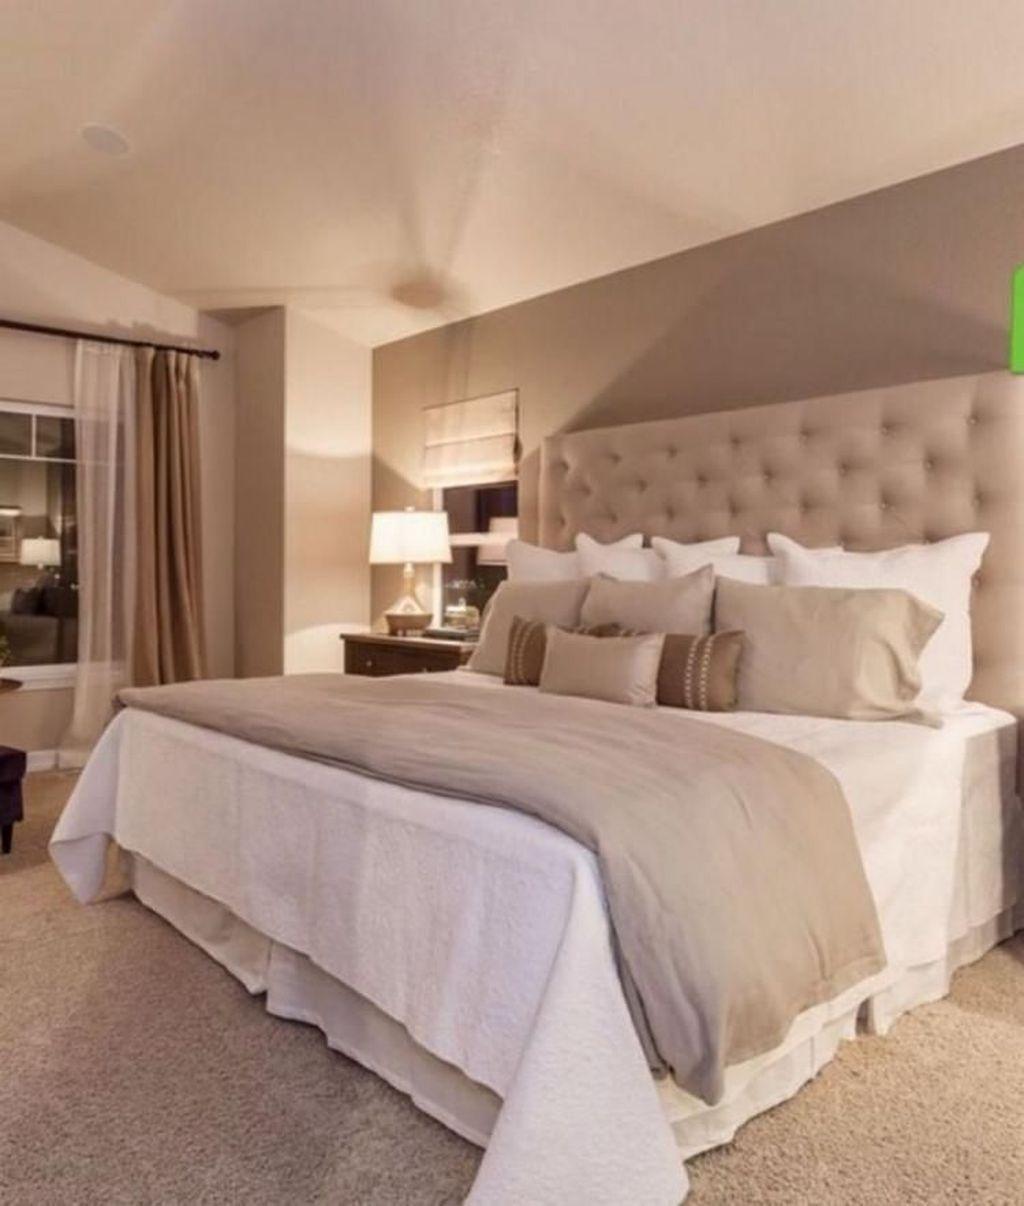 50 Inspiring Romantic Master Bedroom Ideas For Burning Love